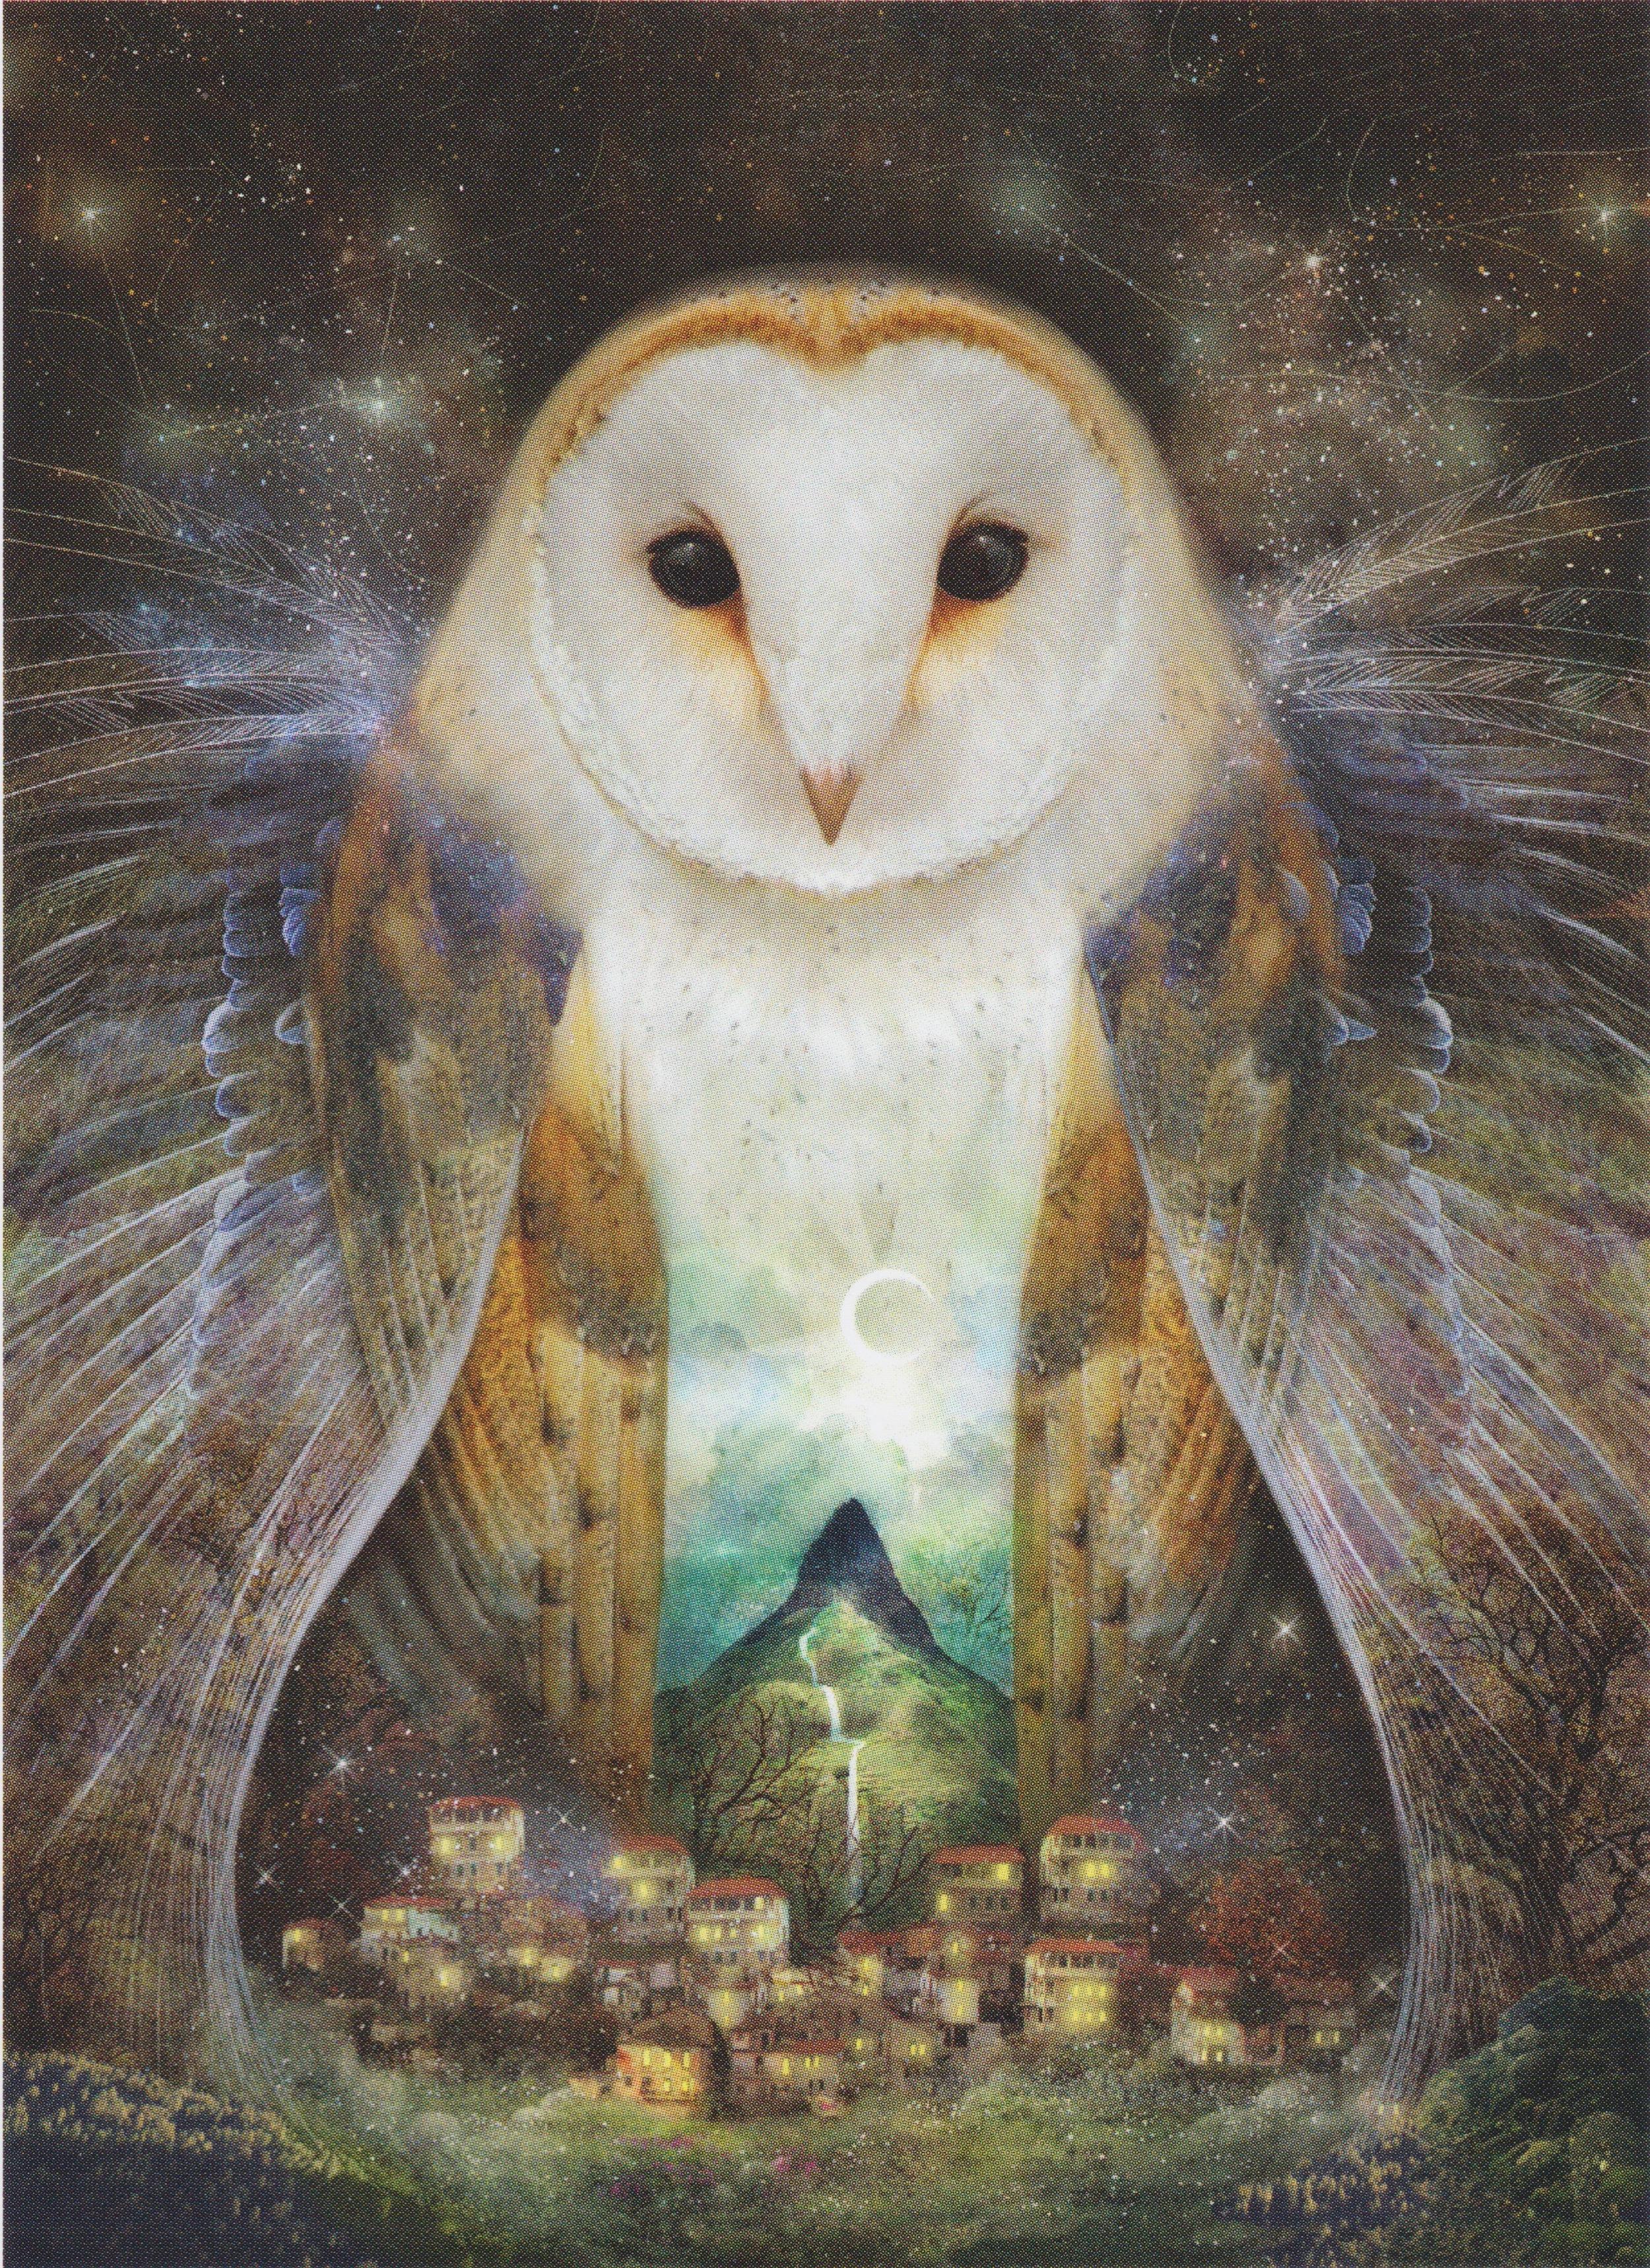 Owl Mountain Moon by, Liza Falzon